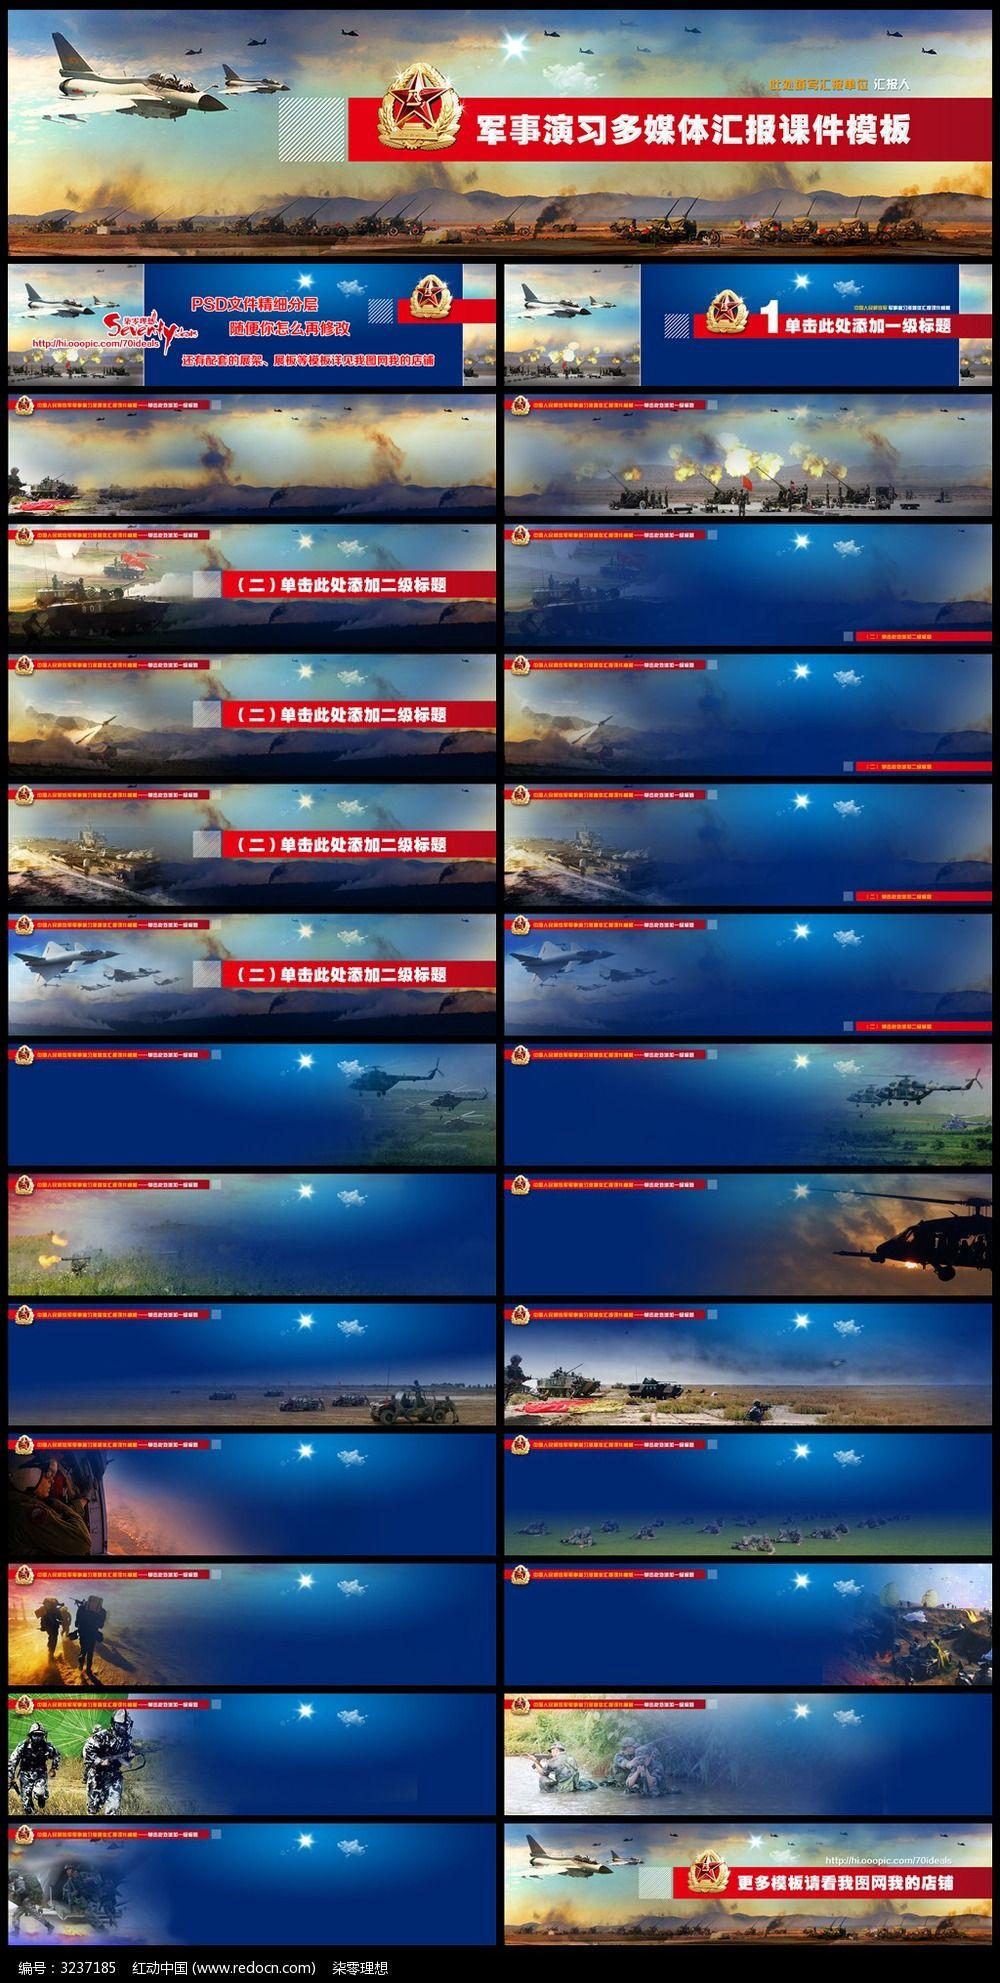 军事课件背景_部队军事汇报演示多媒体课件幻灯PPT模板模板